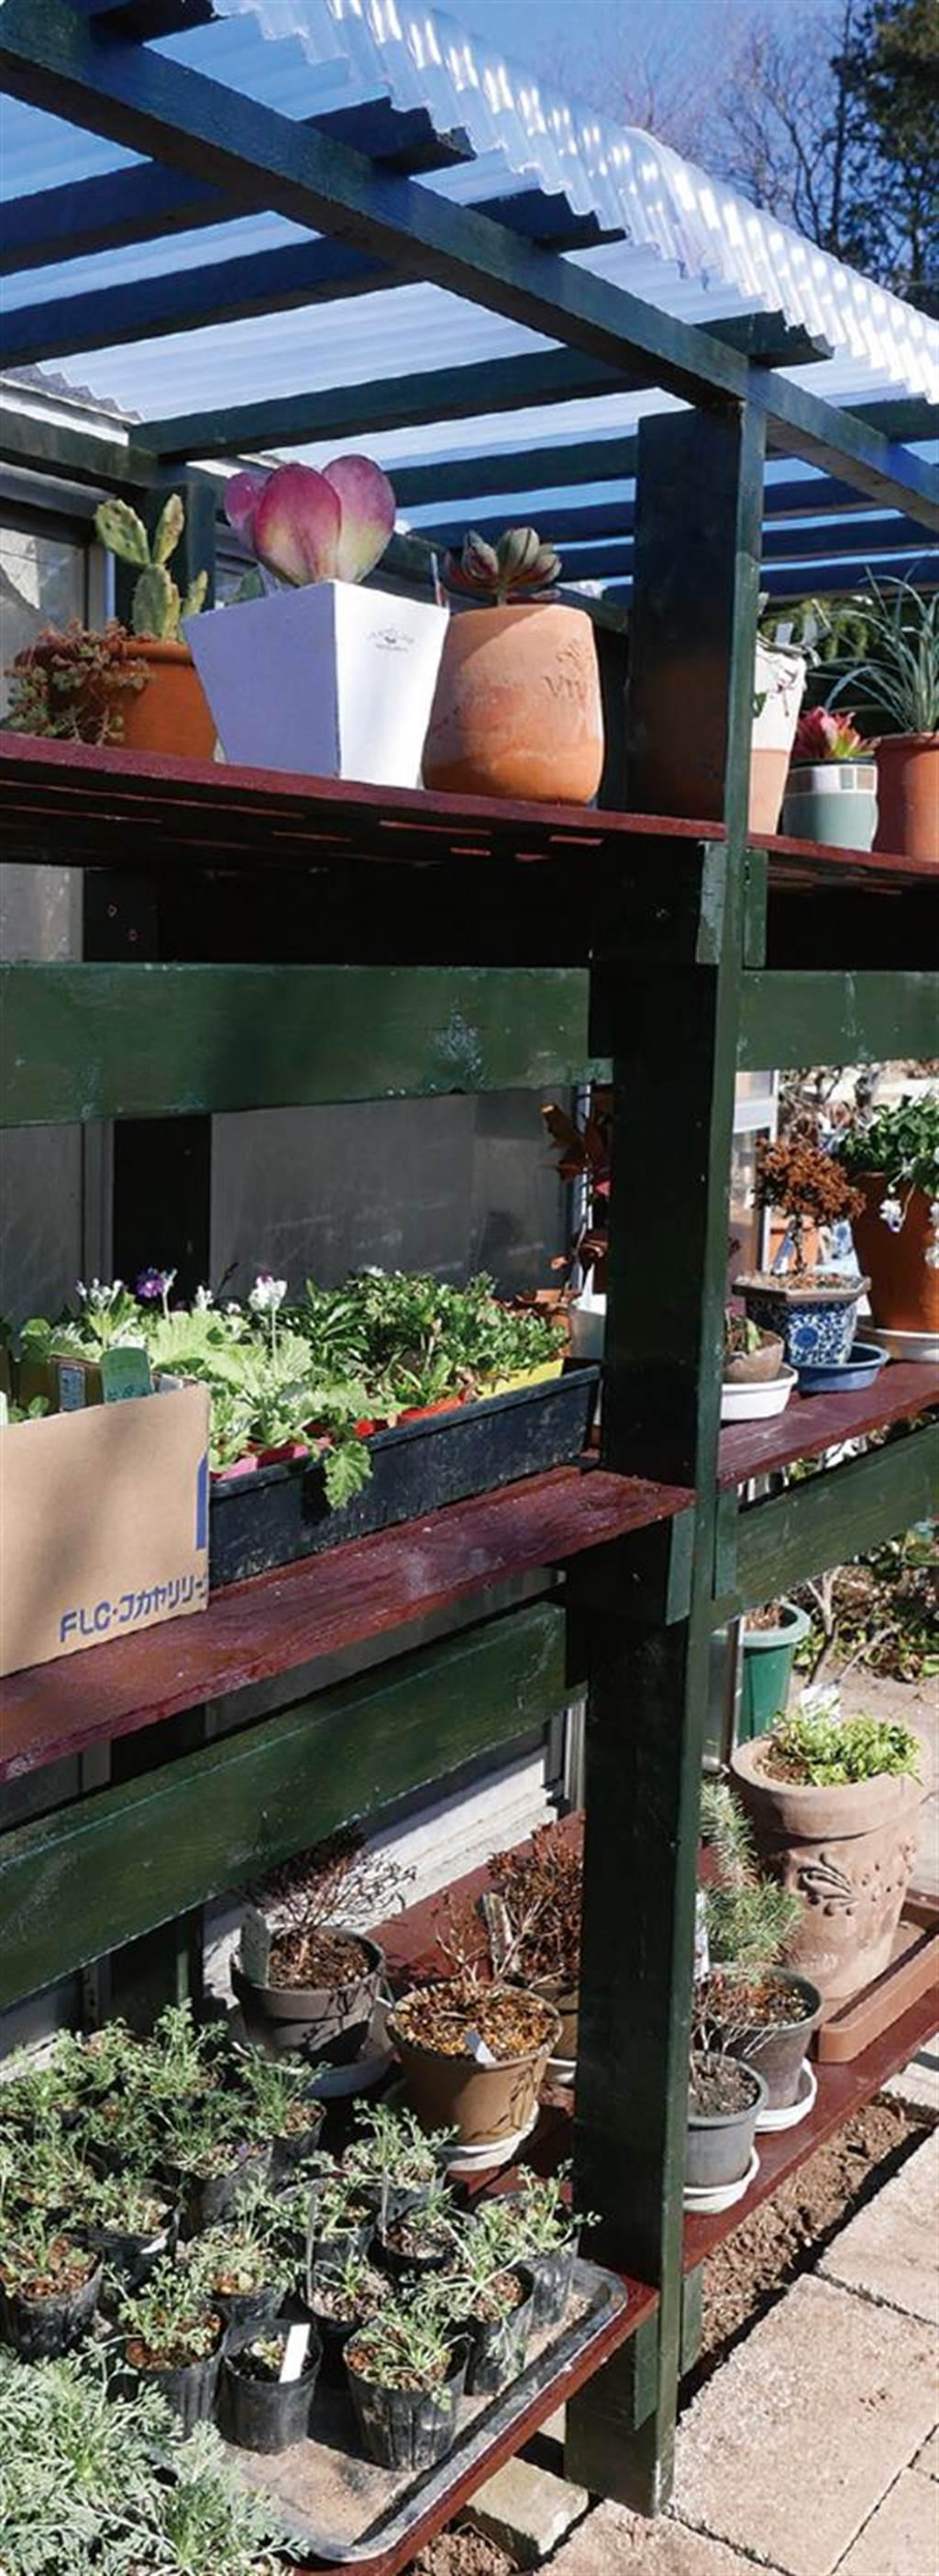 一天內至少要讓植株曬4小時以上的光線。建議放在淋不到雨的屋簷下或陽台上,盆 器要放在架上,不可以直接接觸地面。(圖片提供/蘋果屋)